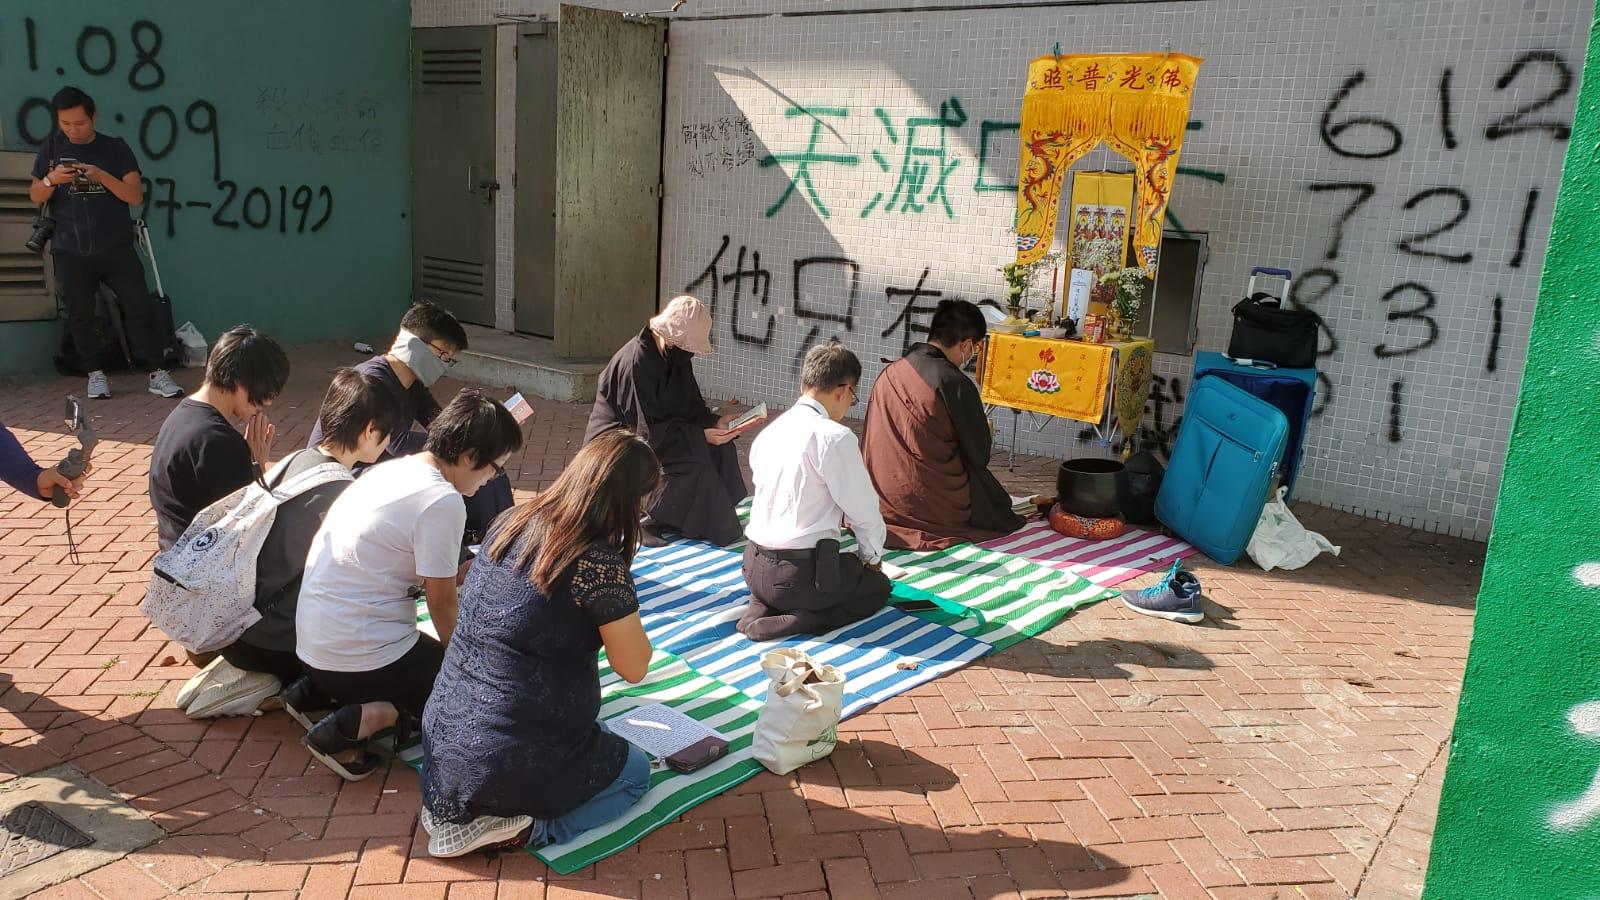 祭壇設於佛教志蓮小學對開的尚德停車場外。